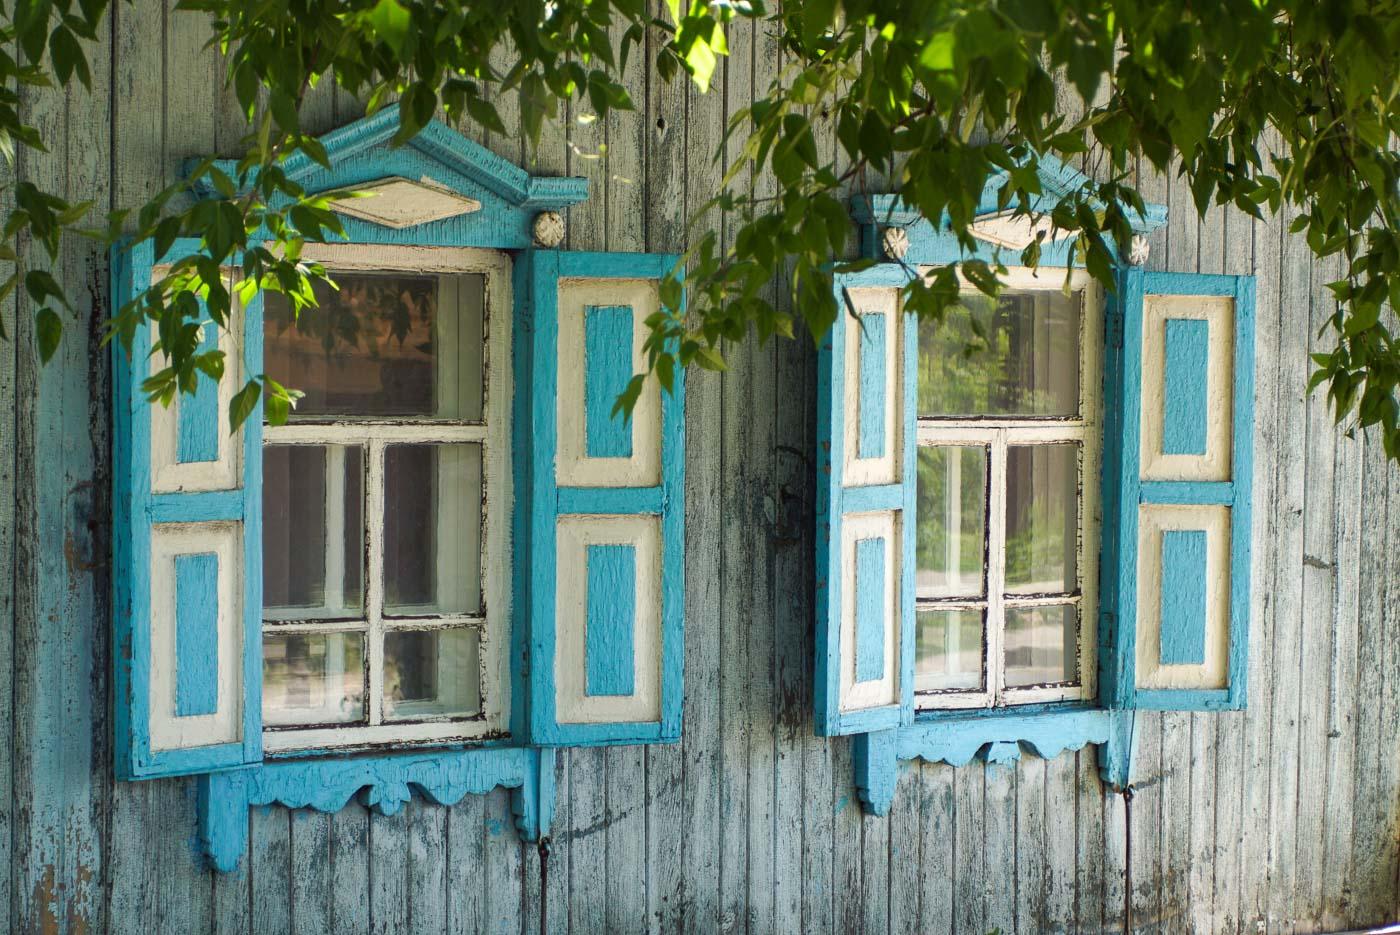 Zu sehen ist die die Wand eines traditionellen Holzhauses in Pawlodar. In der Wand sind zwei alte Fenster eingerahmt von Blau-Weißen Fensterläden mit wunderschön verzierten Rahmen.